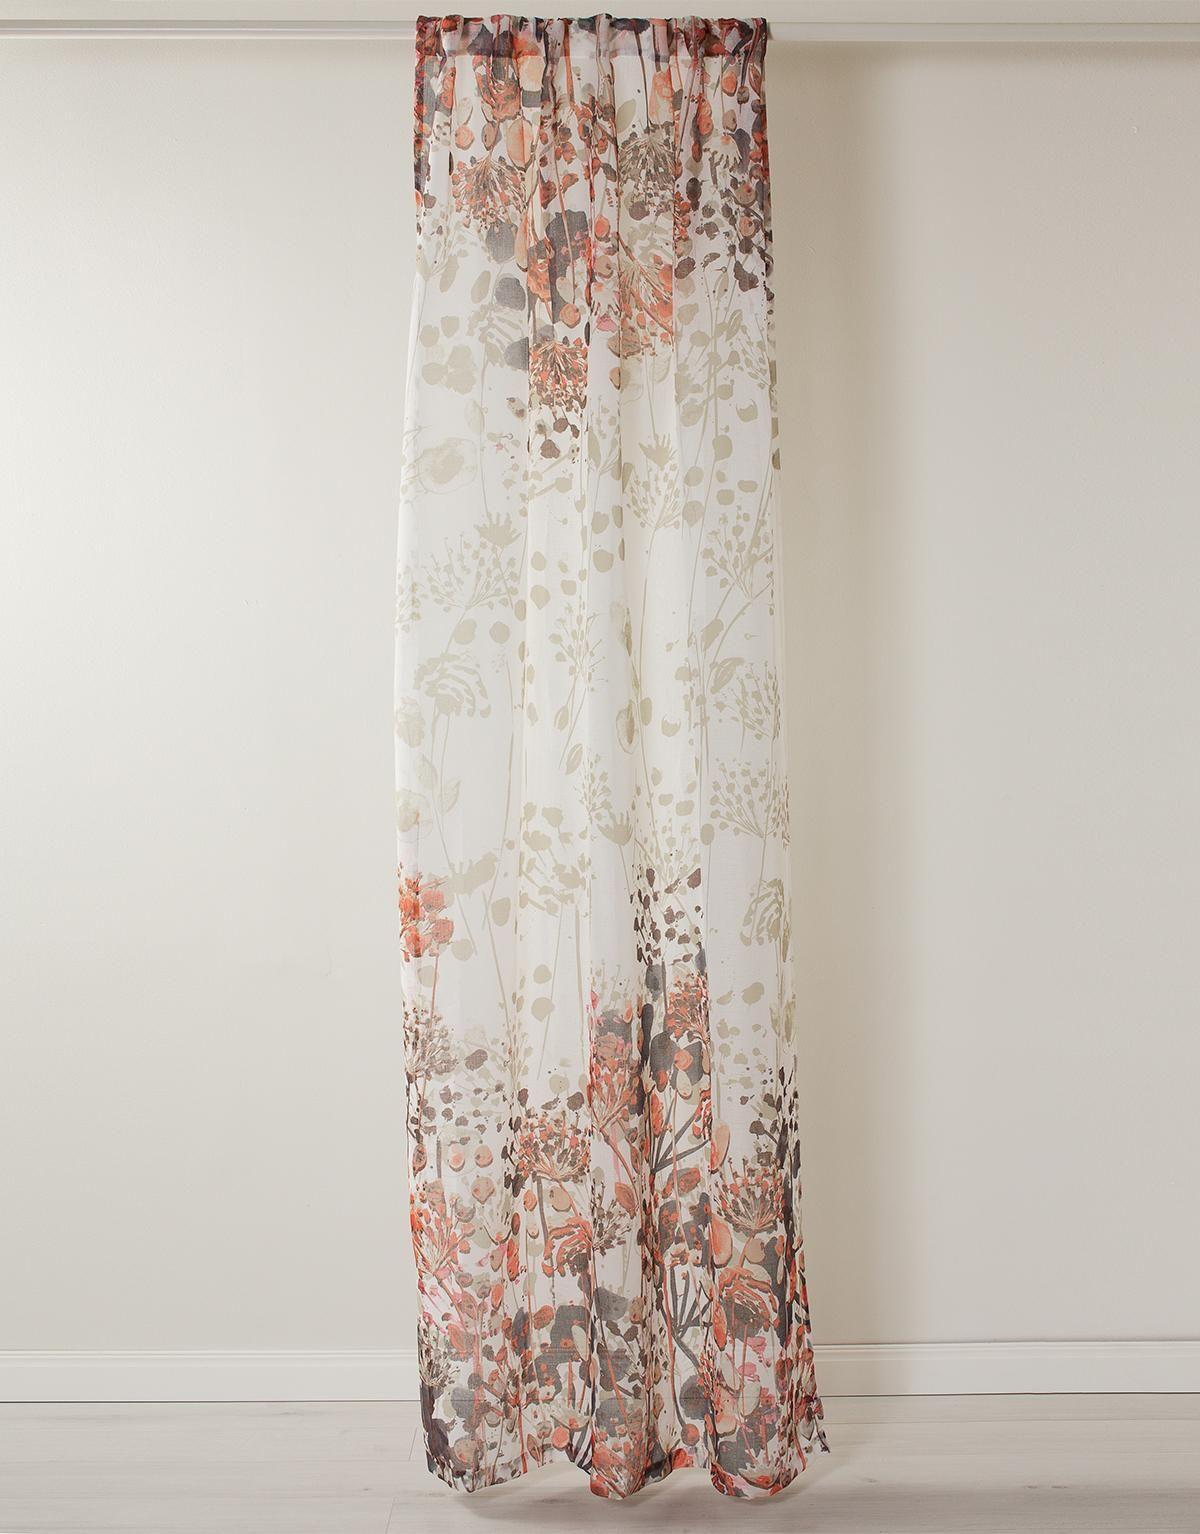 vackra gardiner online